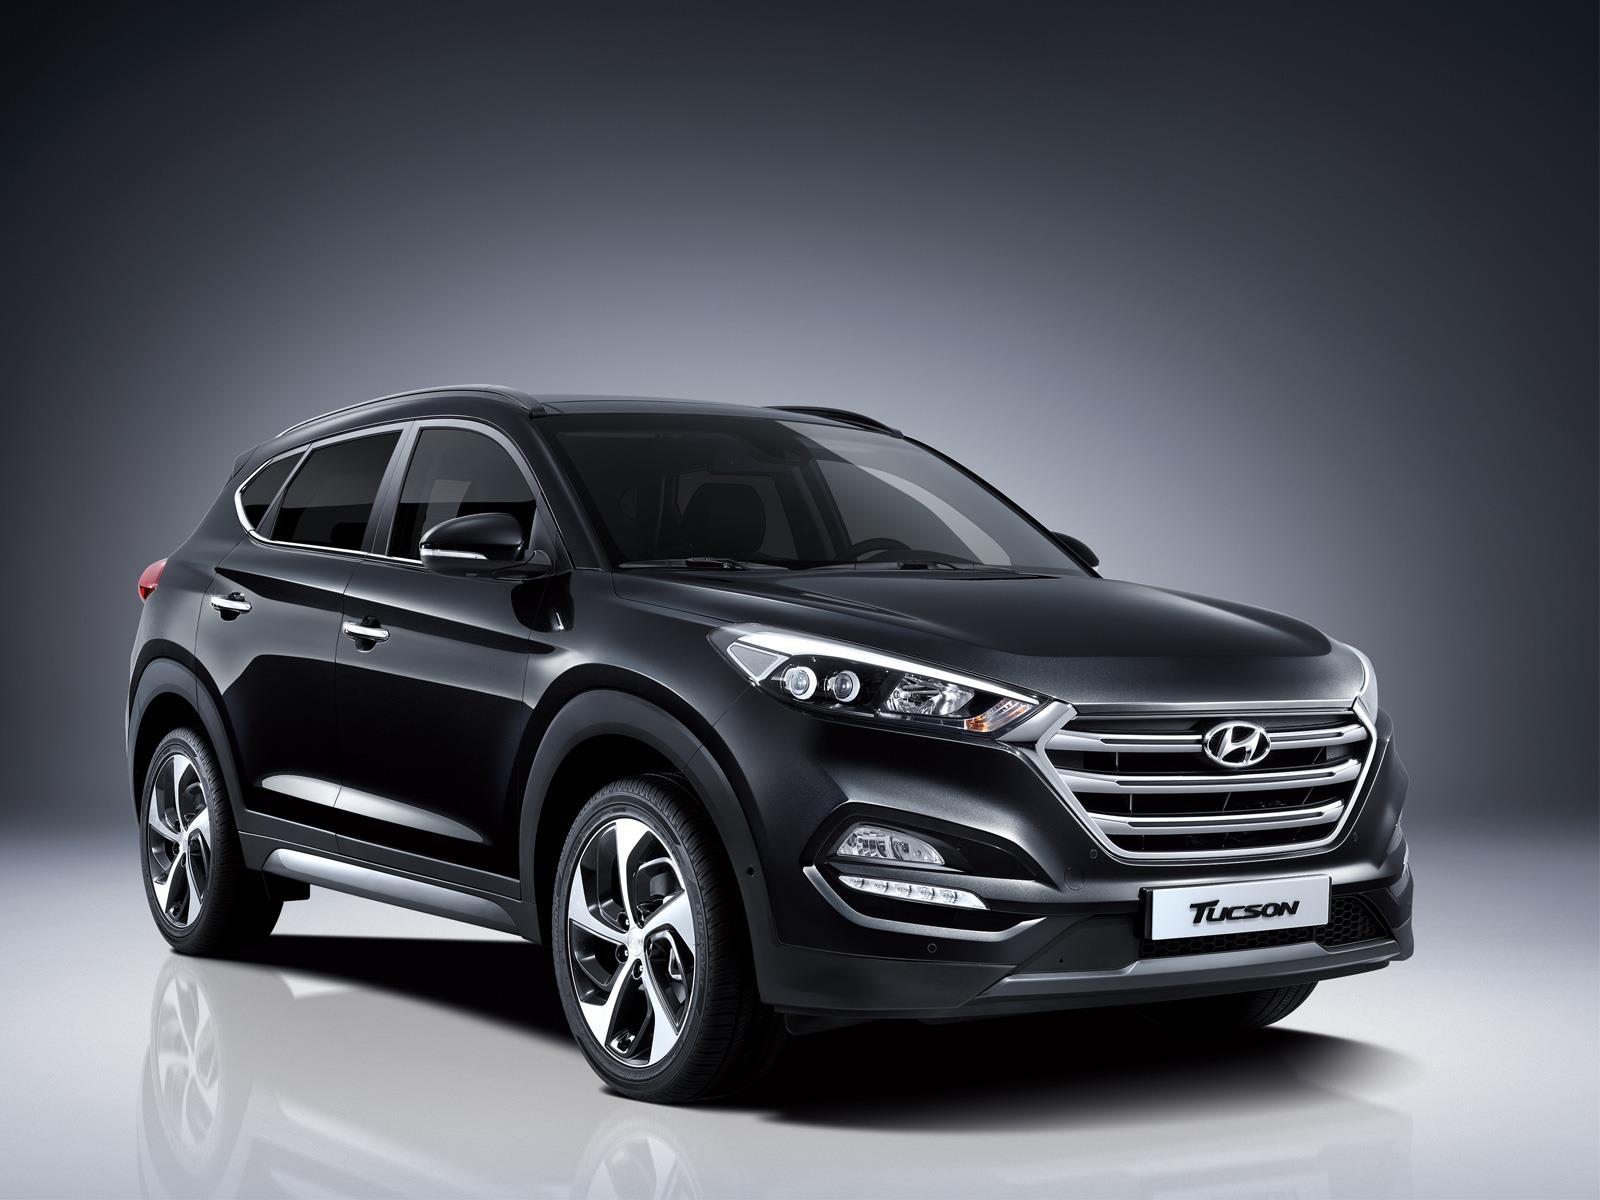 Hyundai-Tucson-2016-020.jpg